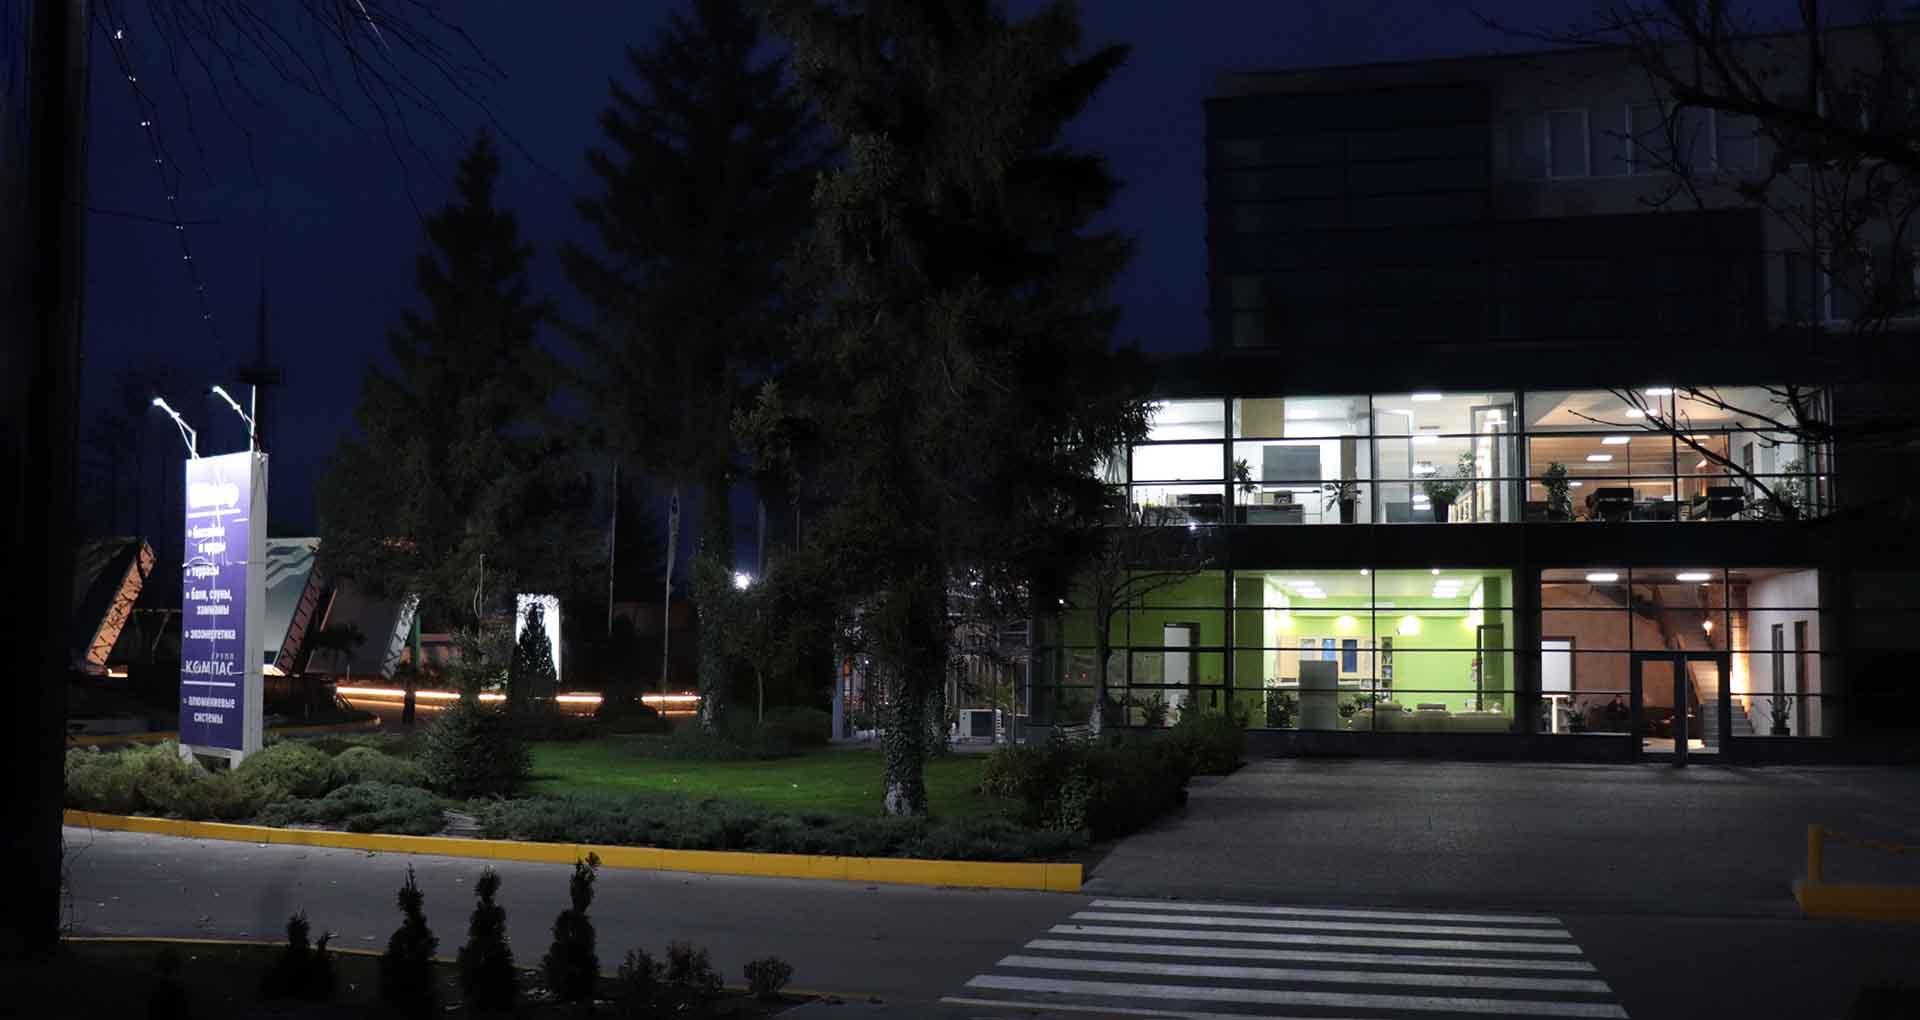 Ночной вид офиса компании Клевер c с подсветкой